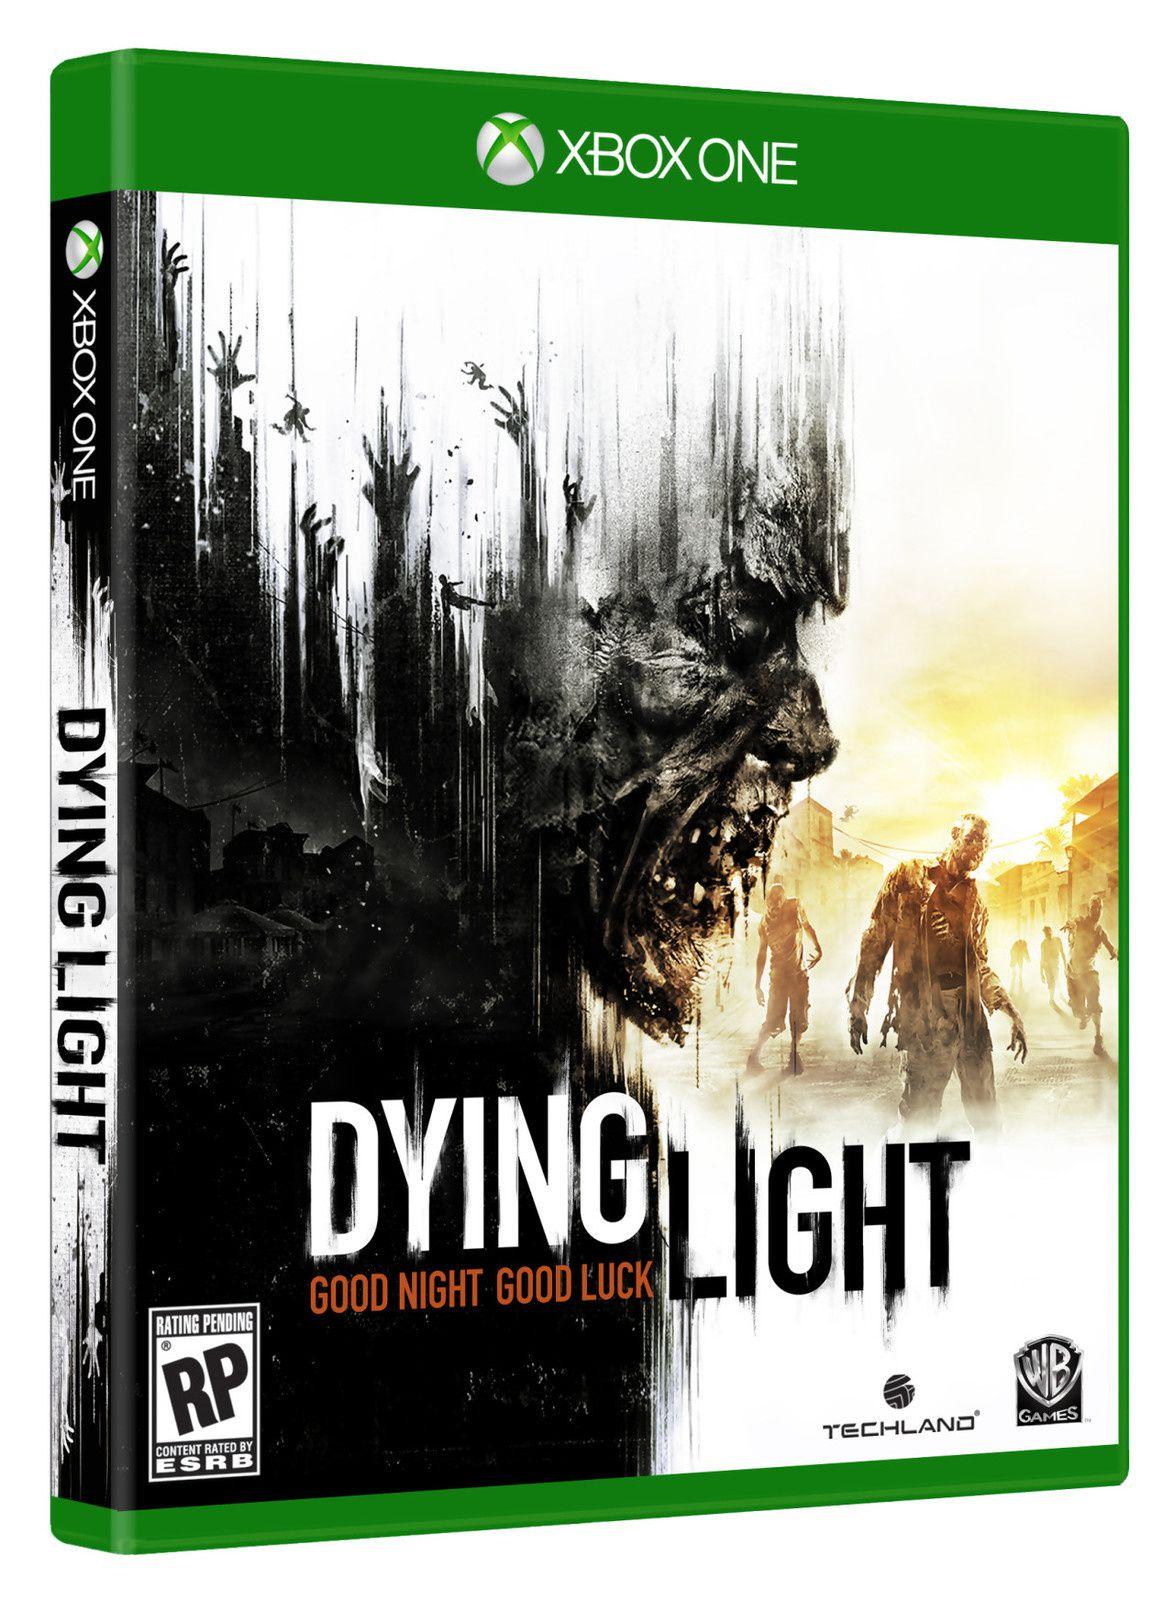 """Dying Light (Bande Annonce du jeu vidéo """"Be the Zombie"""") Survival Horror, le 30 janvier 2015"""